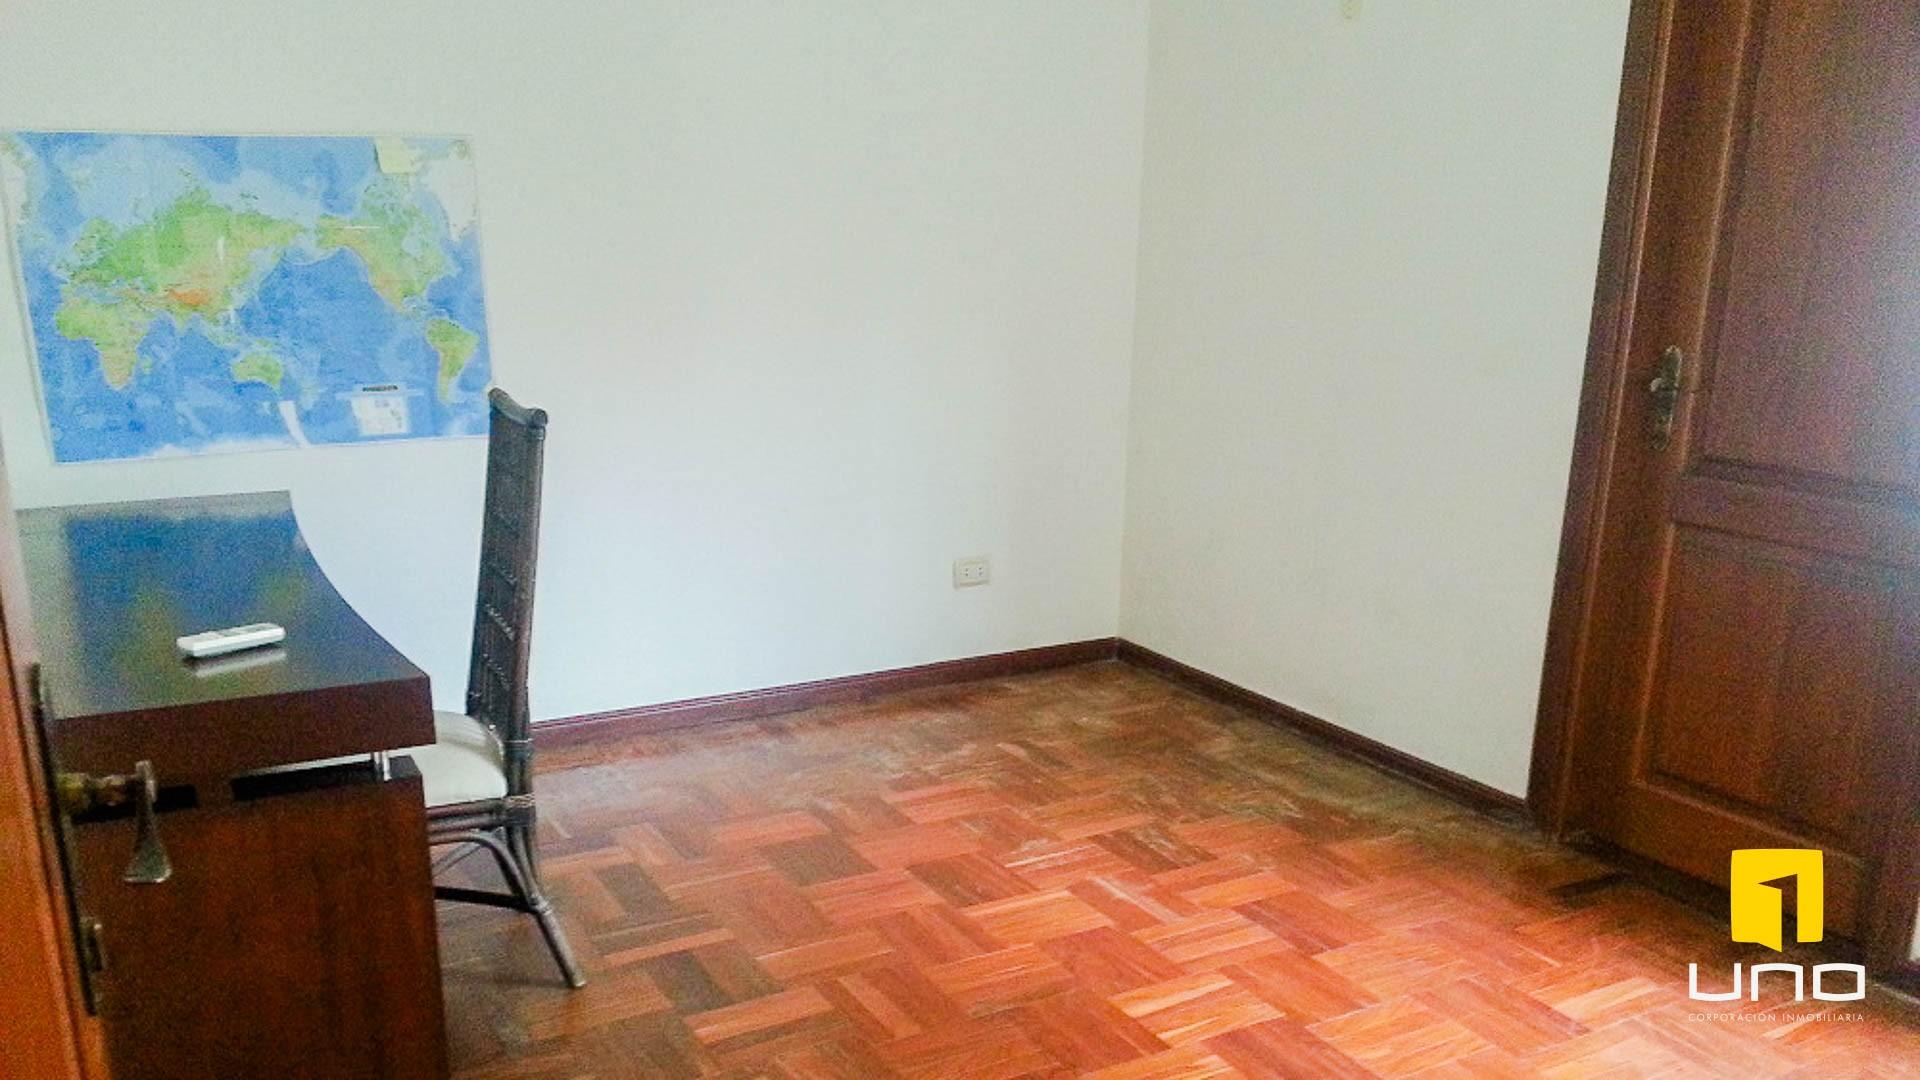 Casa en Alquiler BARRIO LAS PALMAS ALQUILO CASA COMPLETAMENTE AMOBLADA Foto 3